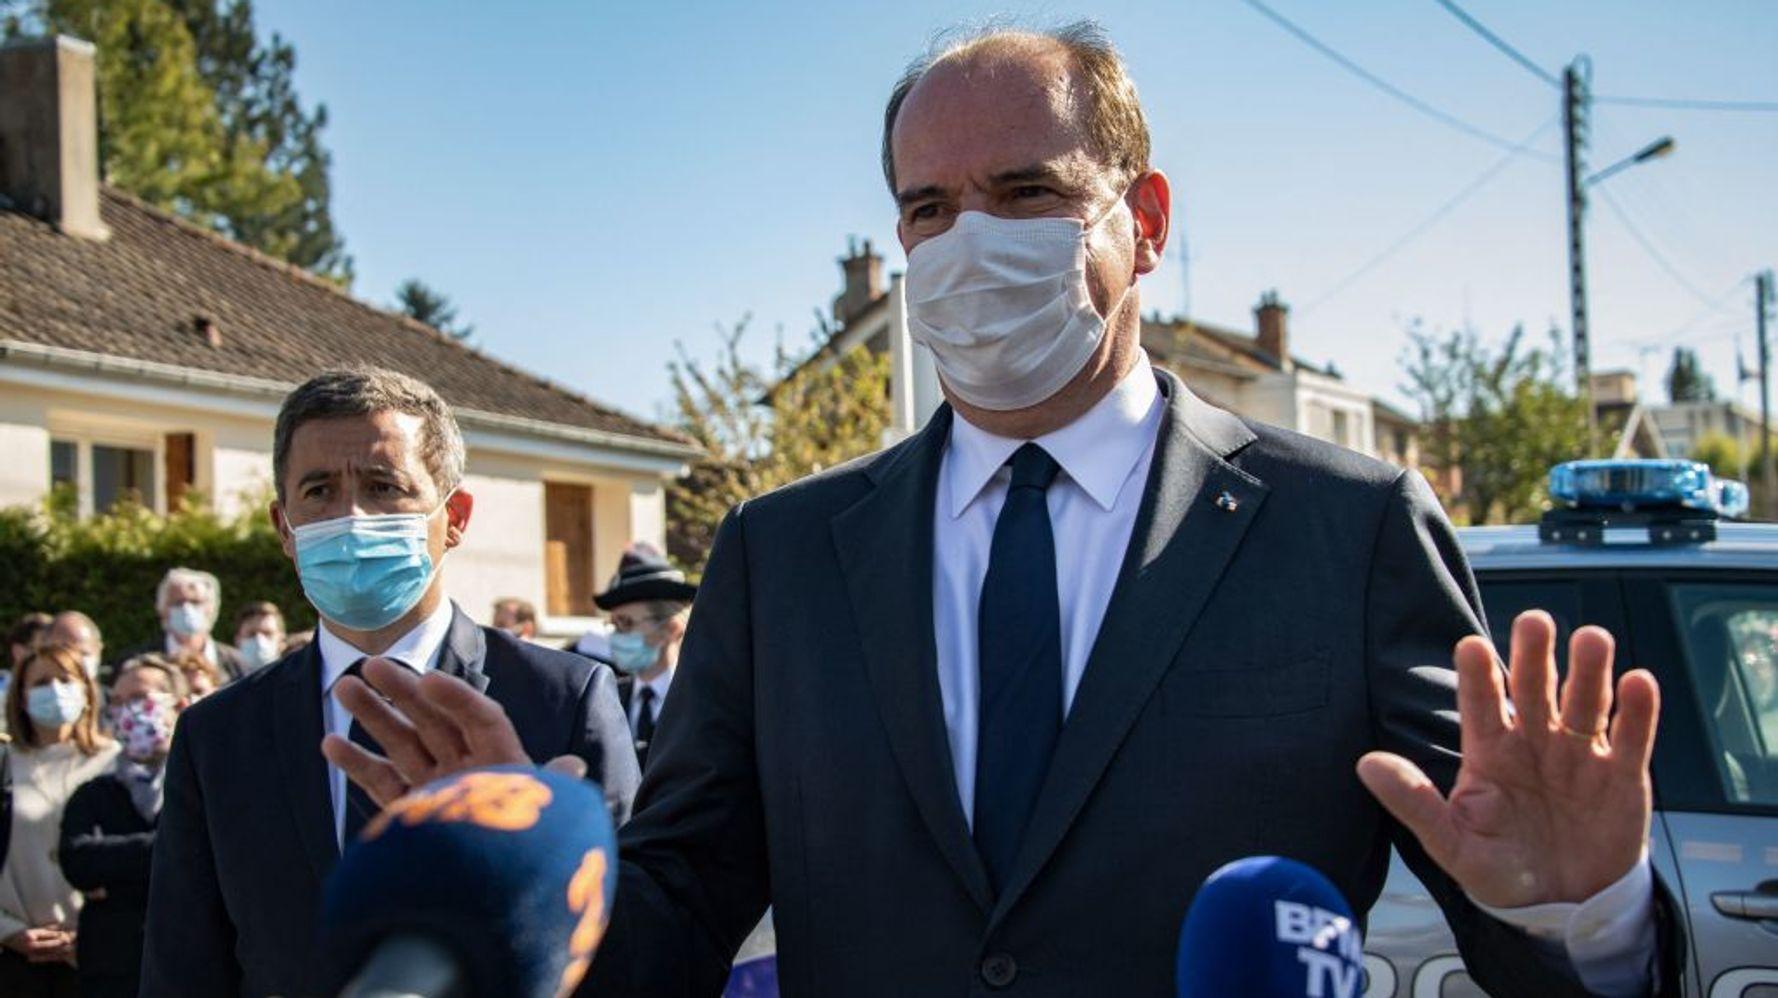 Comment l'attentat à Rambouillet a tourné au règlement de comptes politique